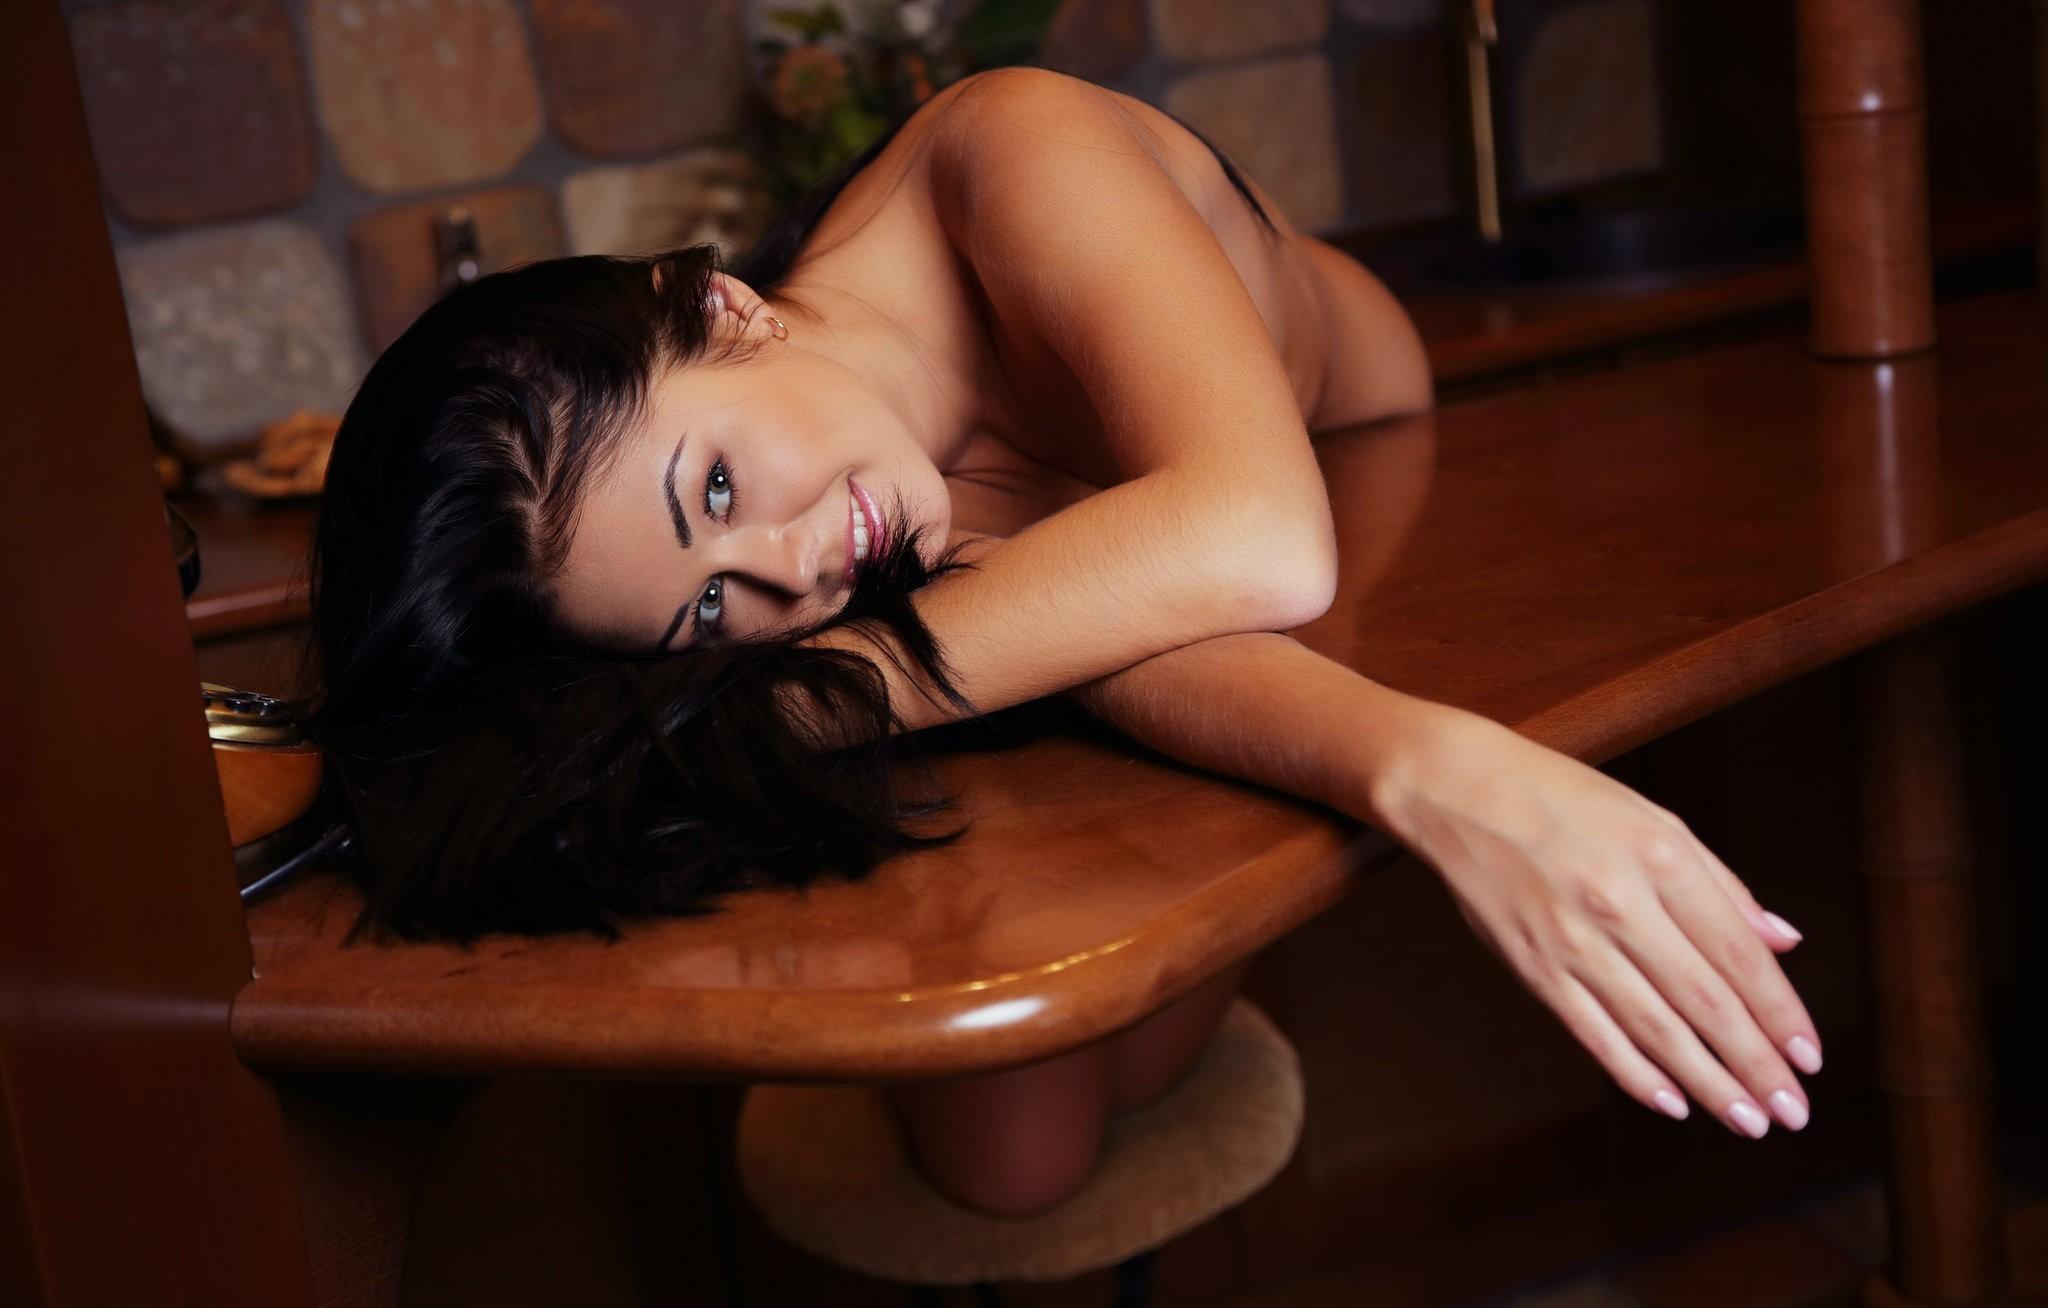 Сосед фотографирует сексуальную брюнетку голой в её спальне  259515